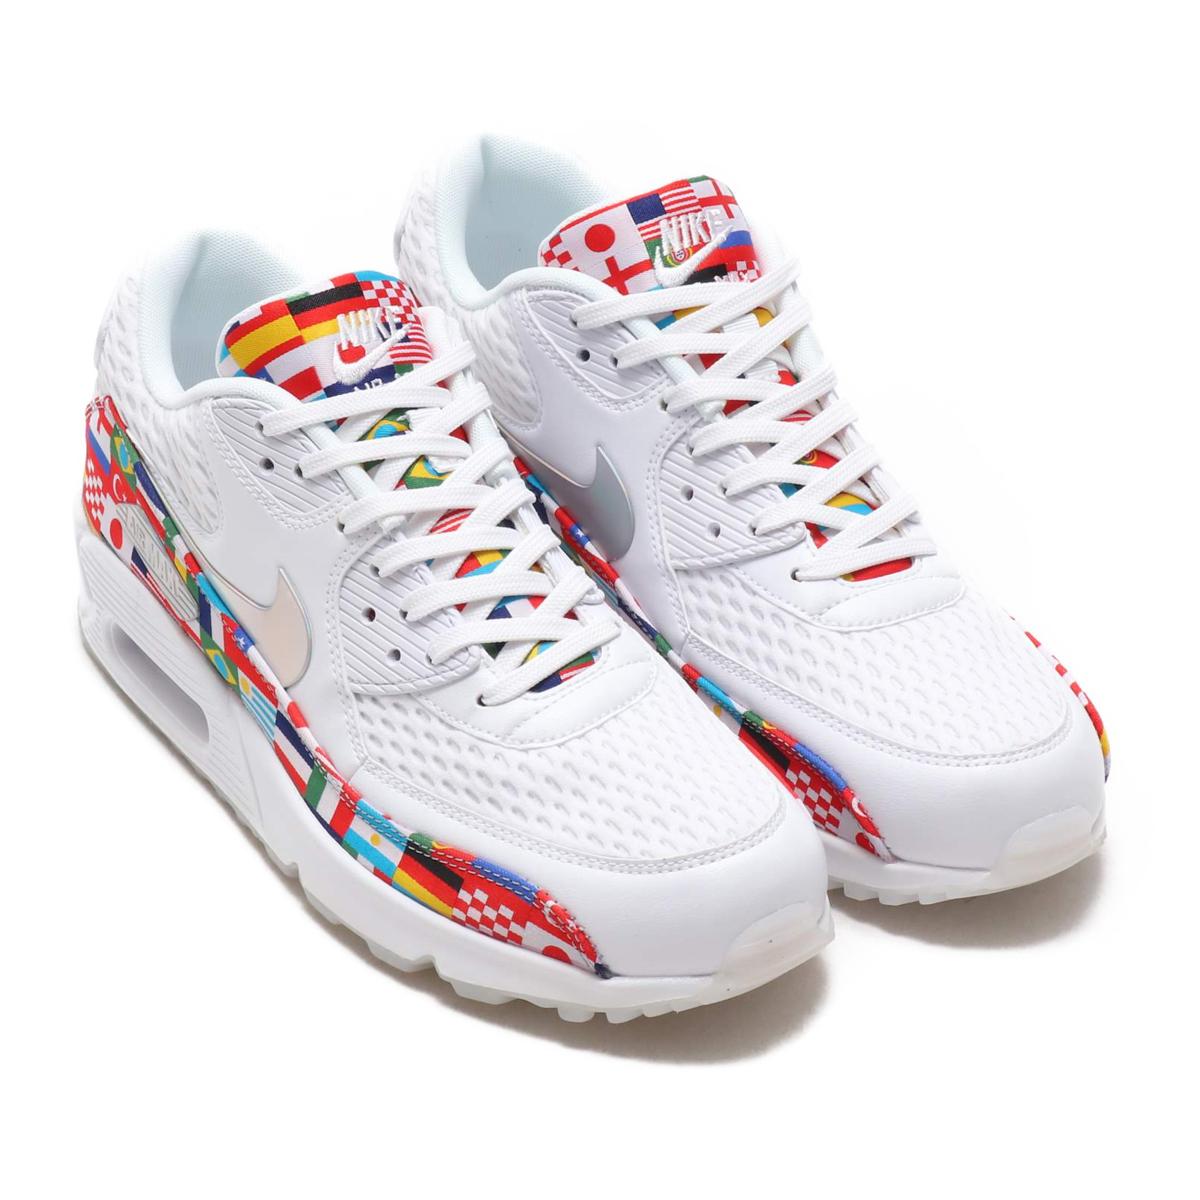 Qs Nic Pink Qs white kie Nike Atmos Amax Max Ney Air 90 wpYgwUOx